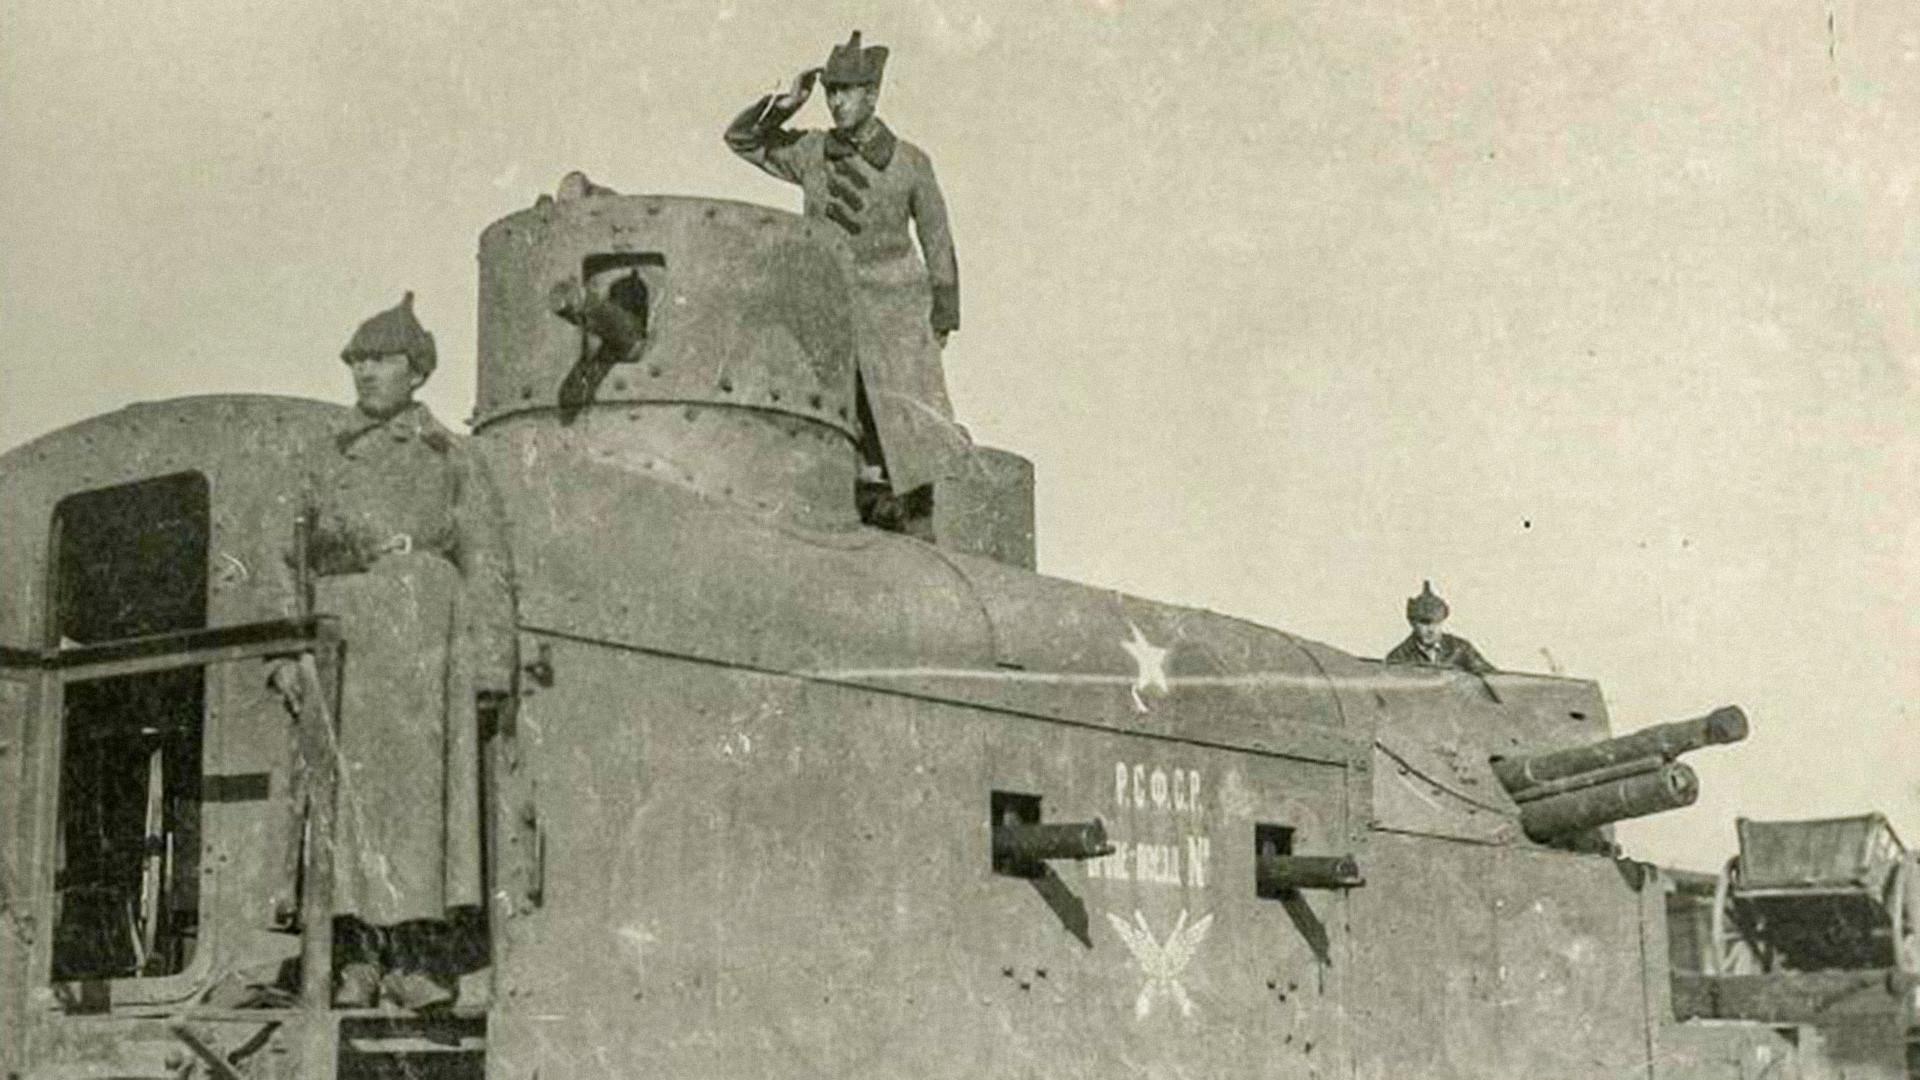 Tren blindado del Ejército Rojo en el frente del sur durante la guerra civil rusa.